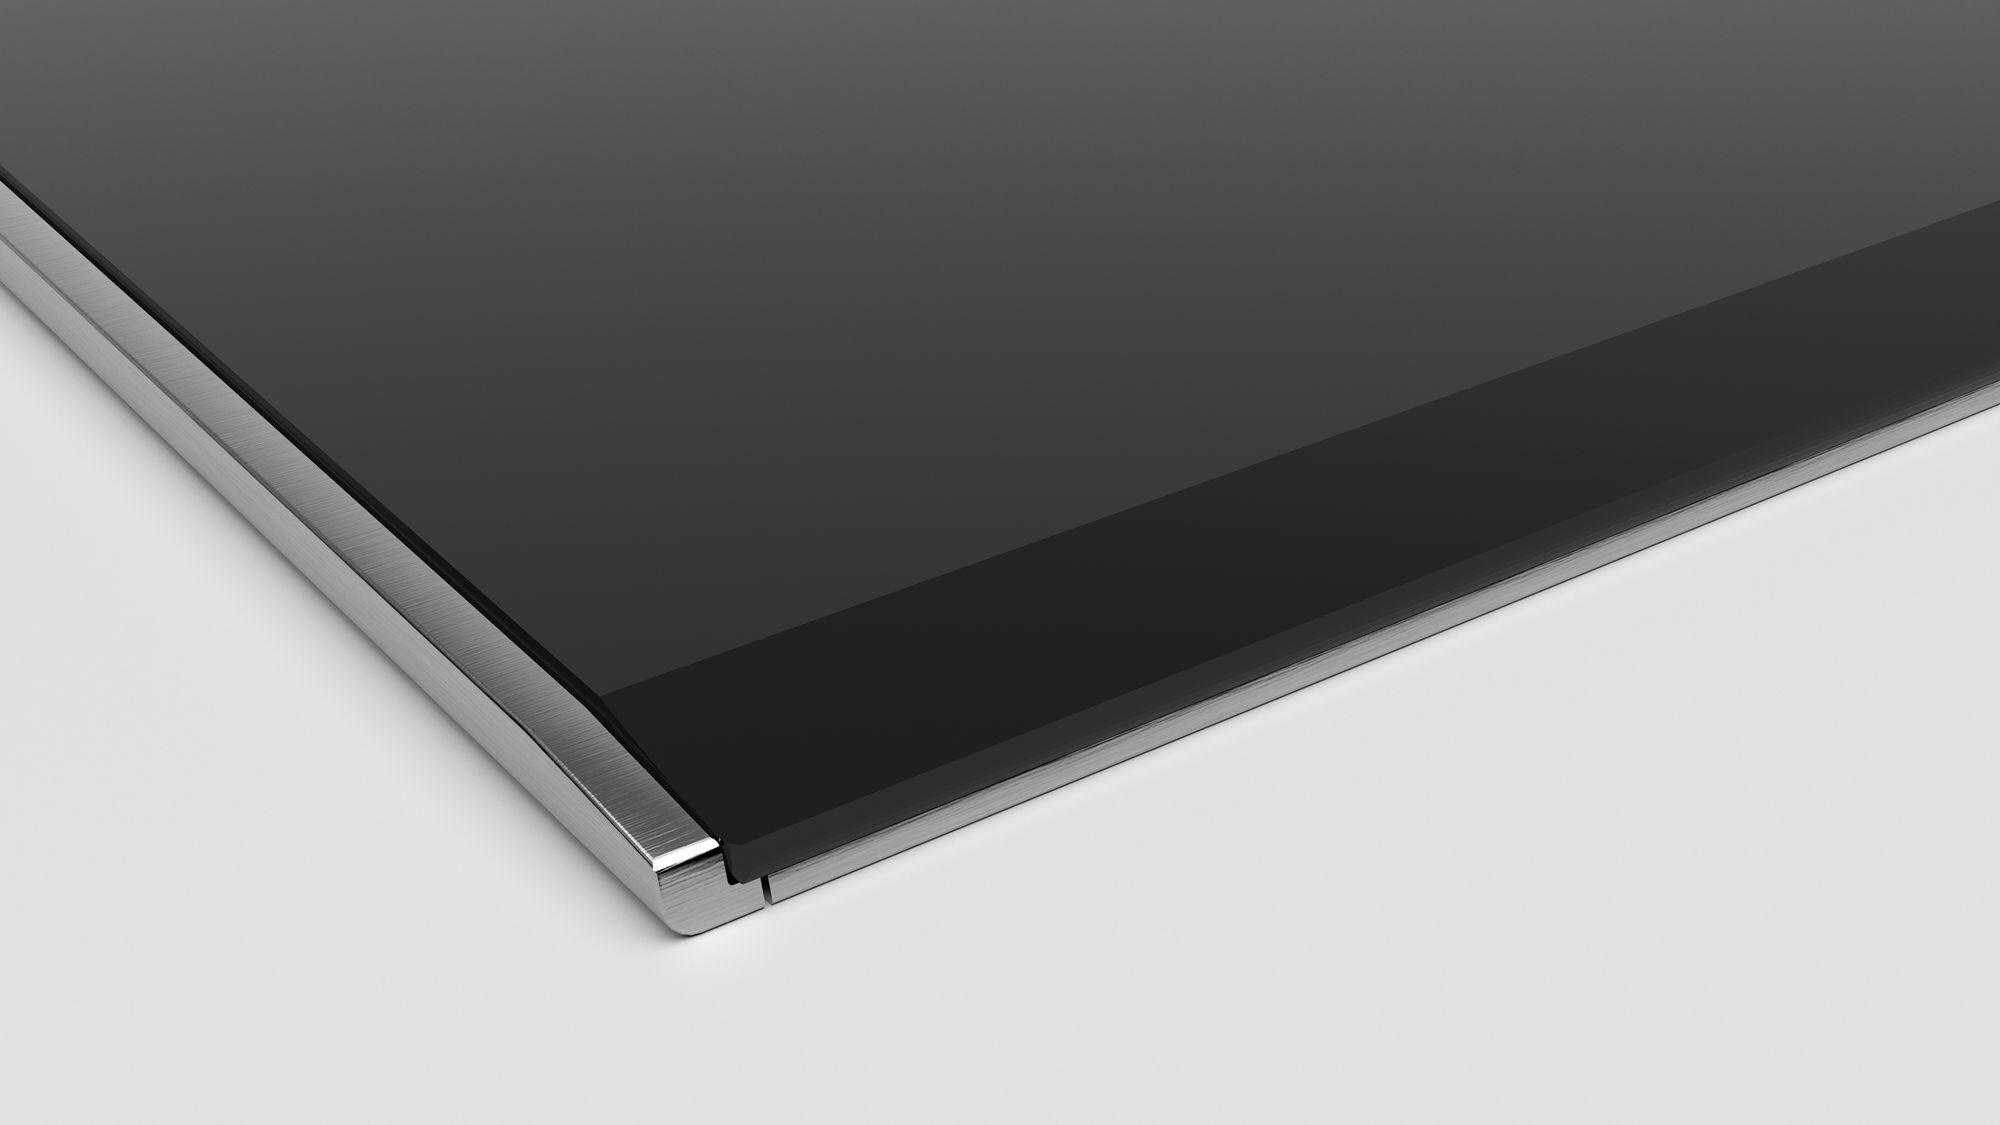 Serie | 6 staklokeramička ploča za kuvanje domino, 30 cm